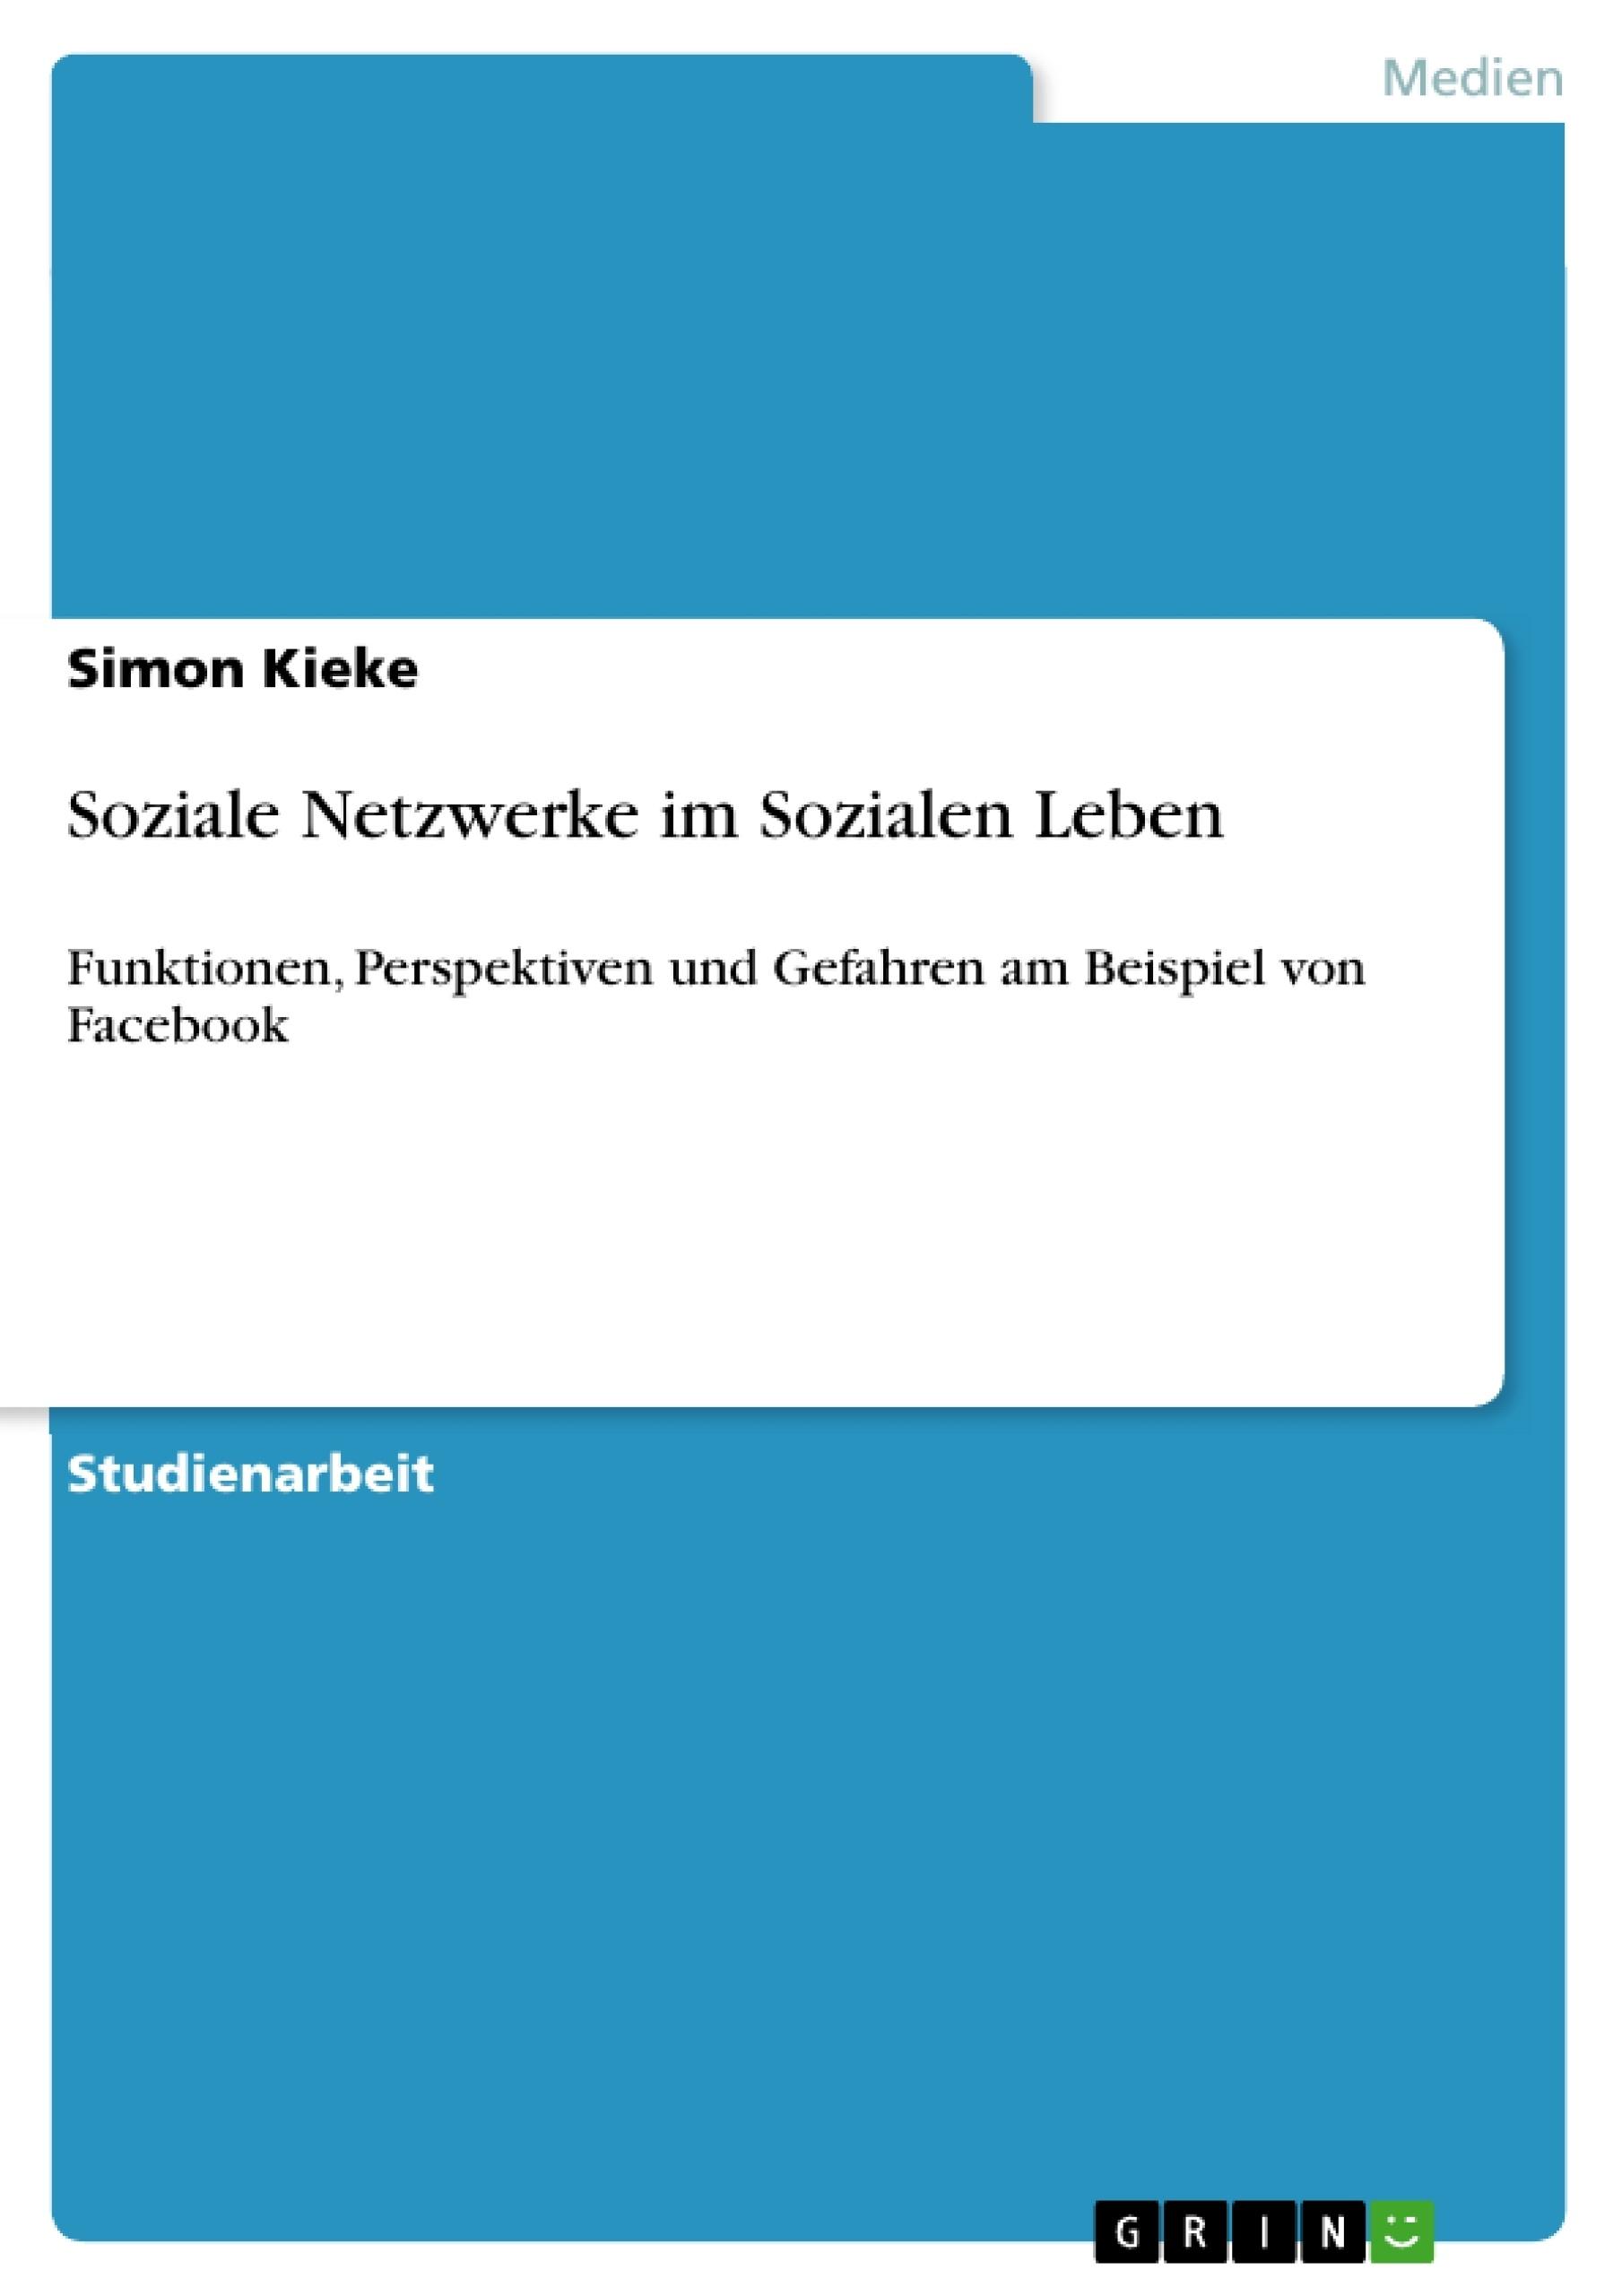 Titel: Soziale Netzwerke im Sozialen Leben